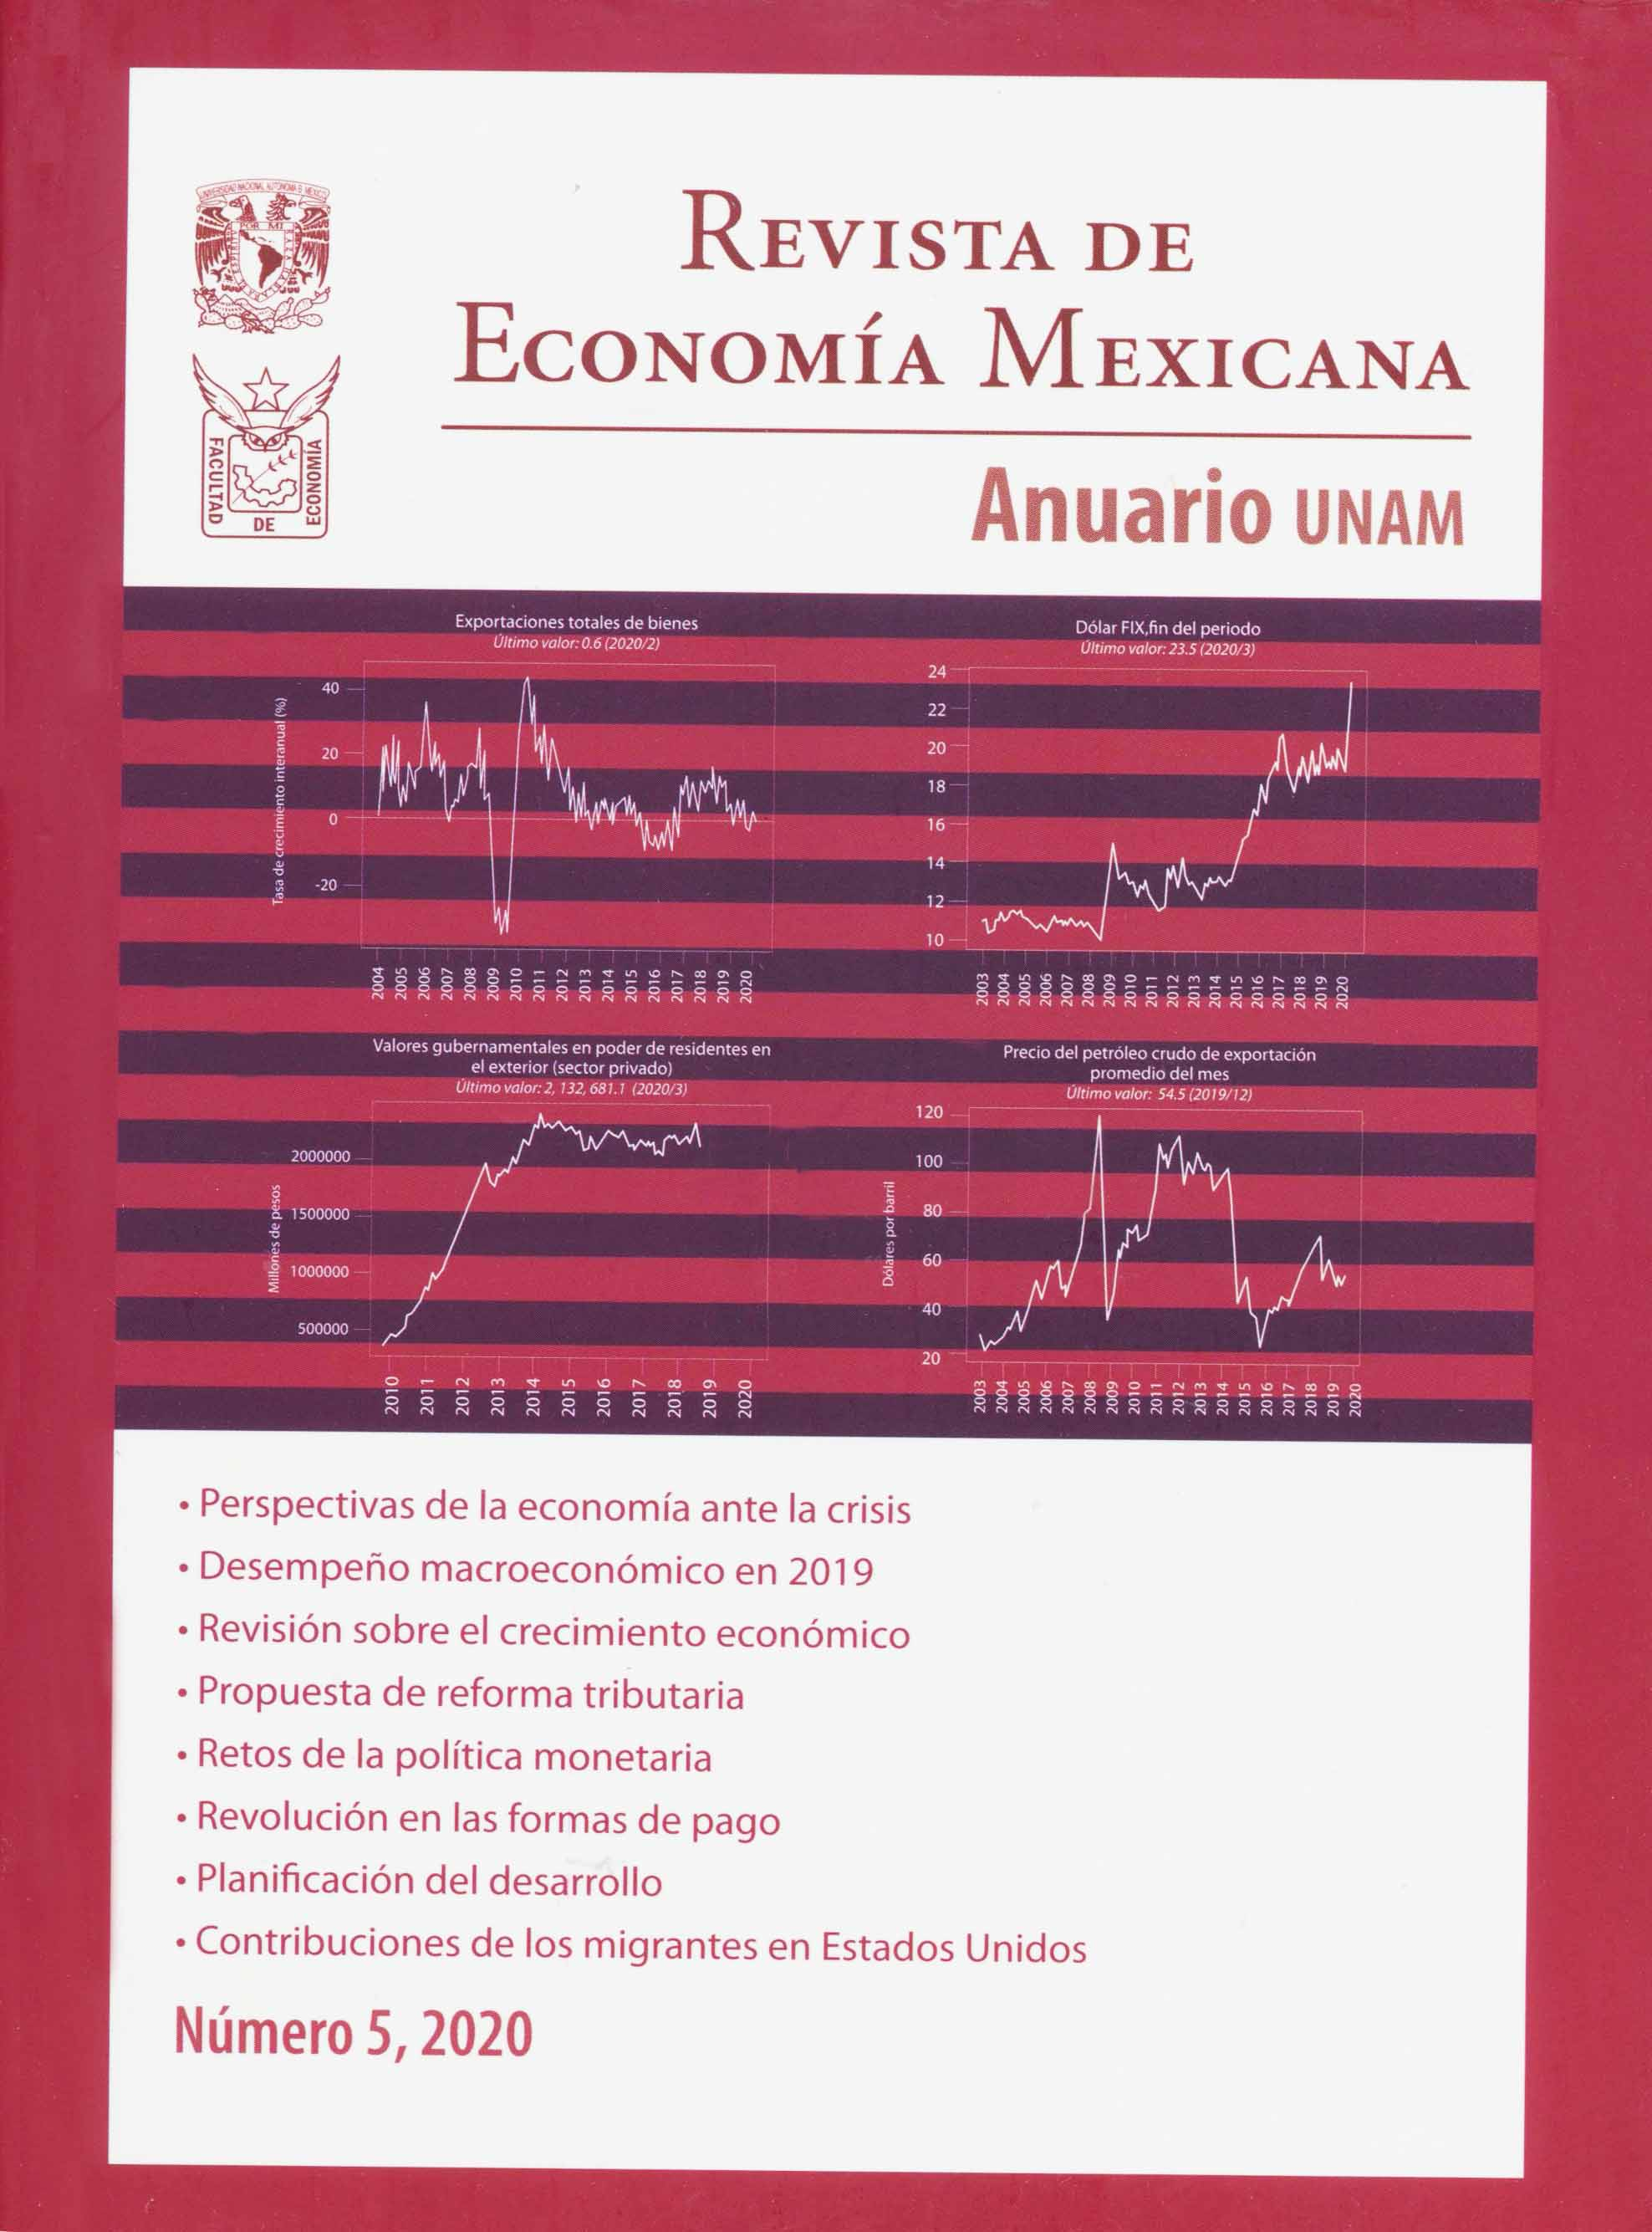 Revista de economía mexicana. Anuario UNAM, Núm. 5, 2020